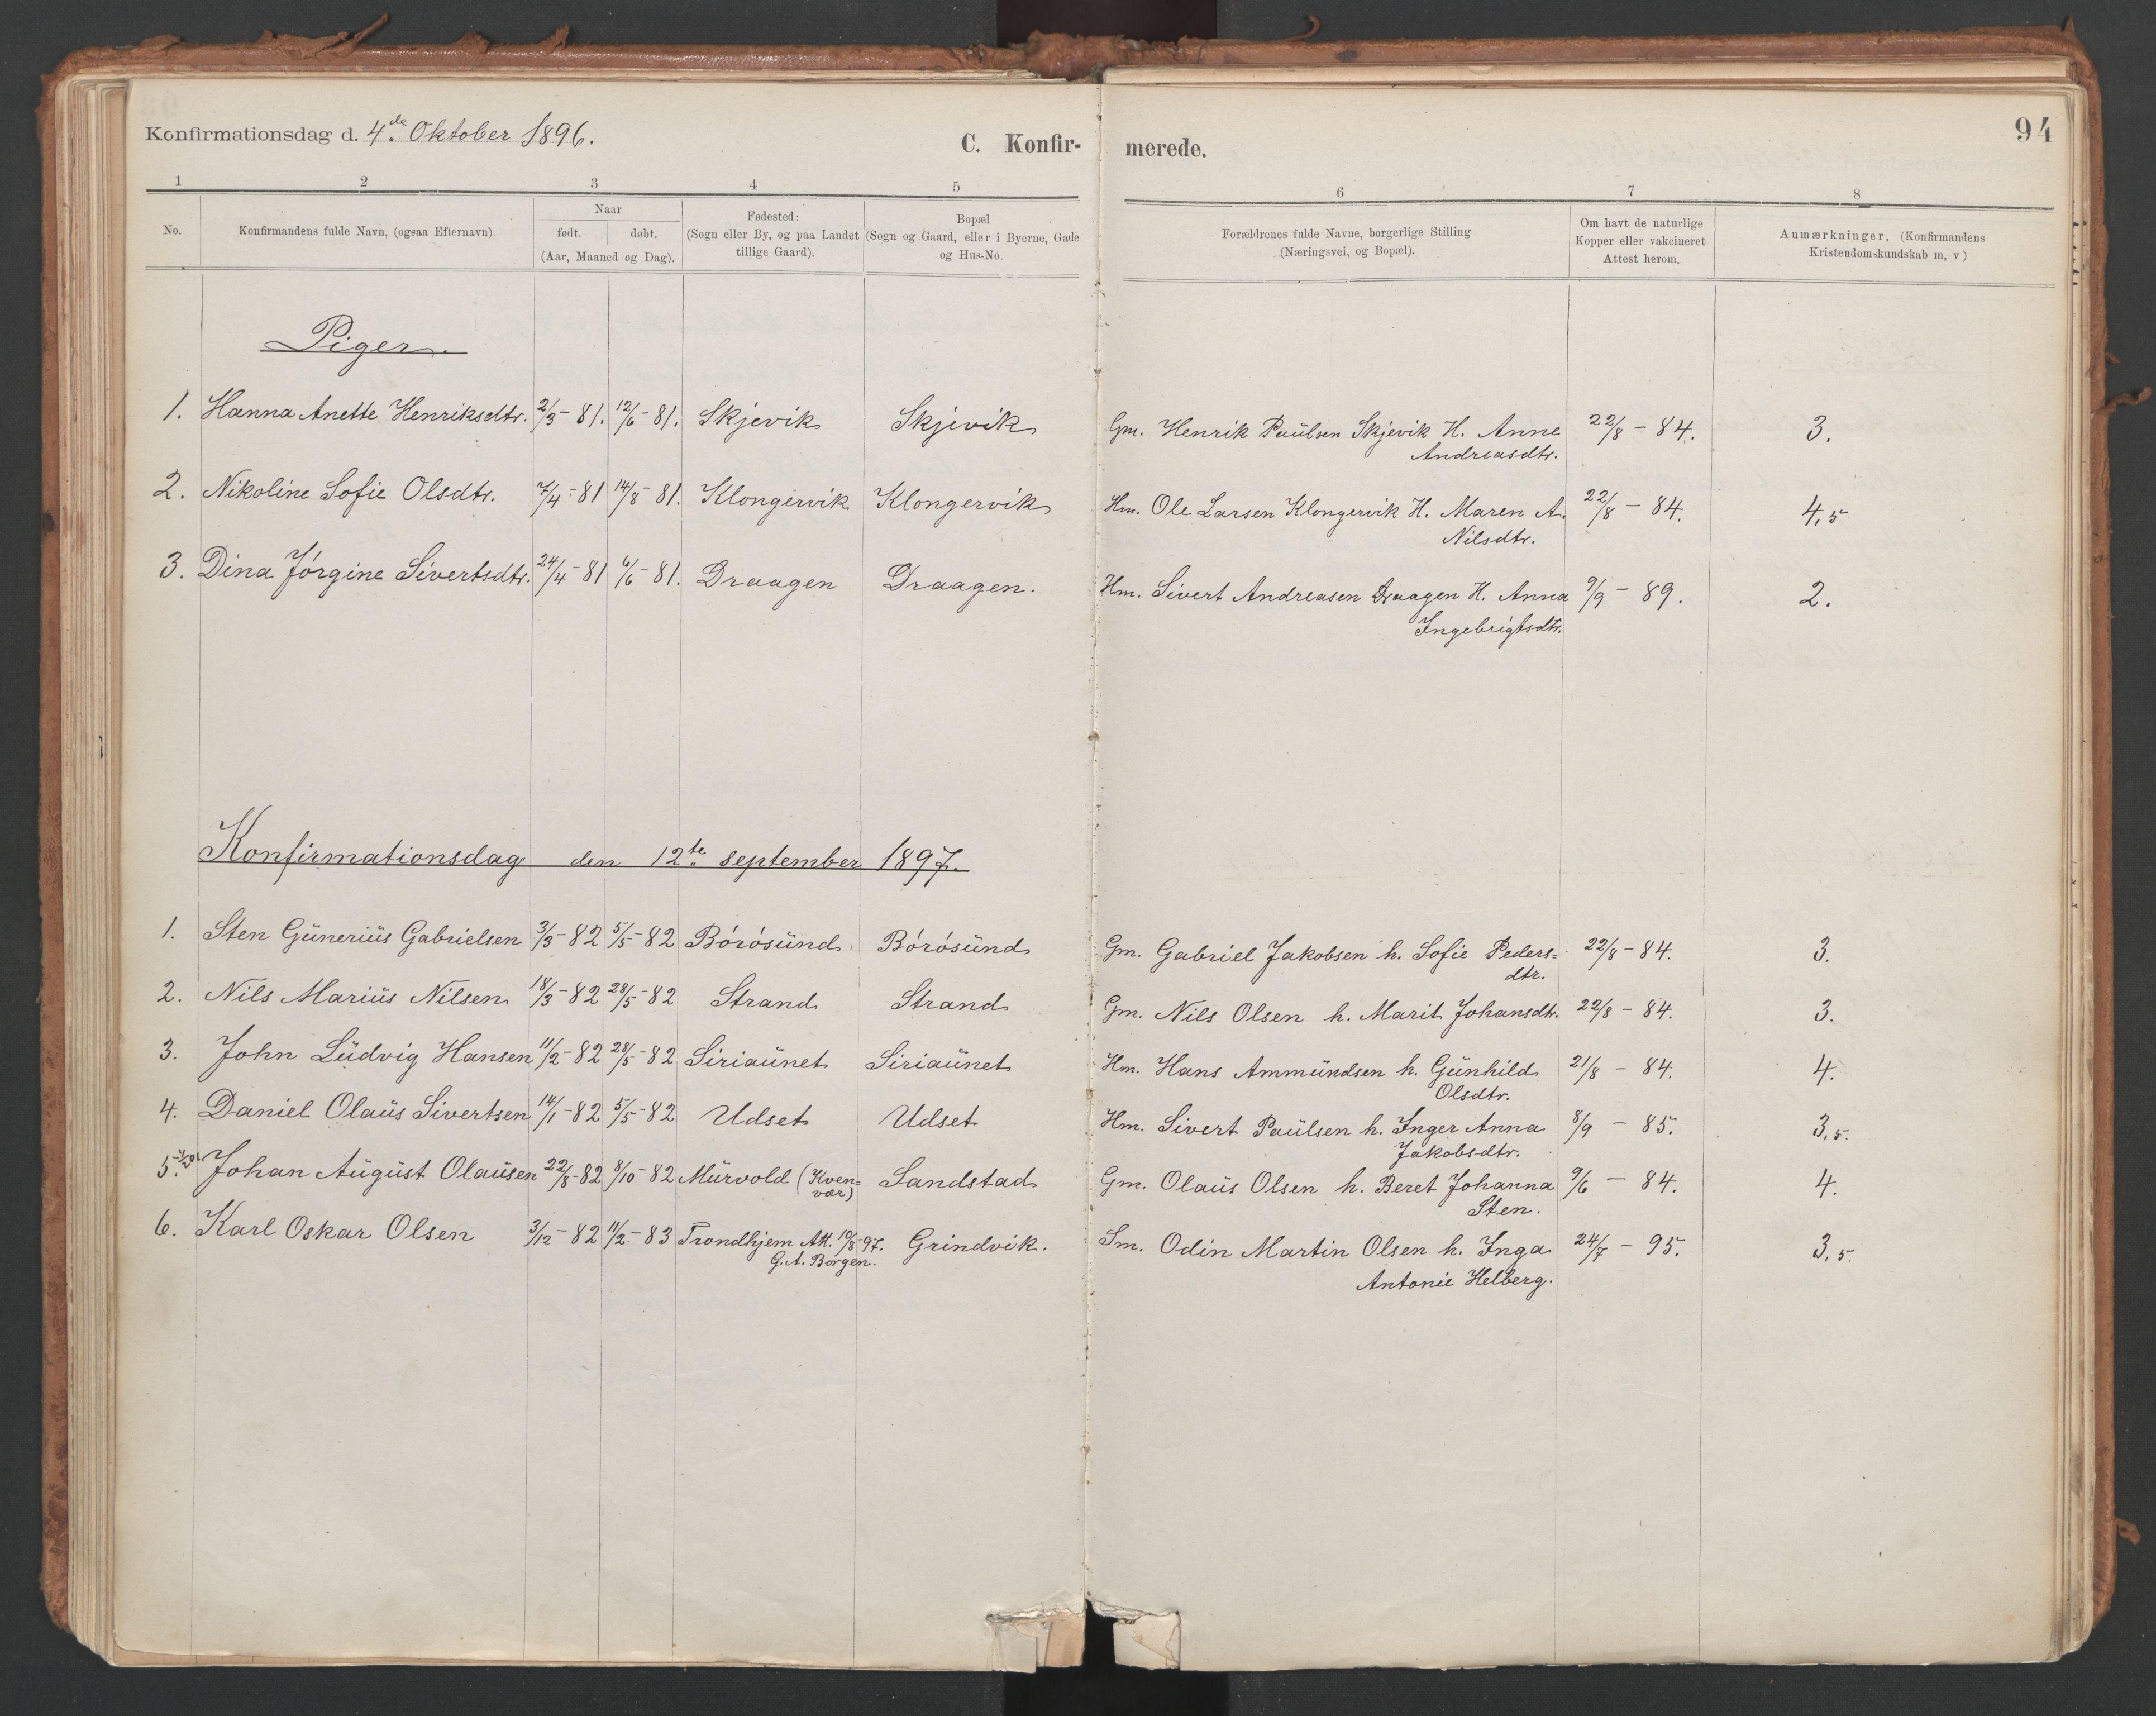 SAT, Ministerialprotokoller, klokkerbøker og fødselsregistre - Sør-Trøndelag, 639/L0572: Ministerialbok nr. 639A01, 1890-1920, s. 94